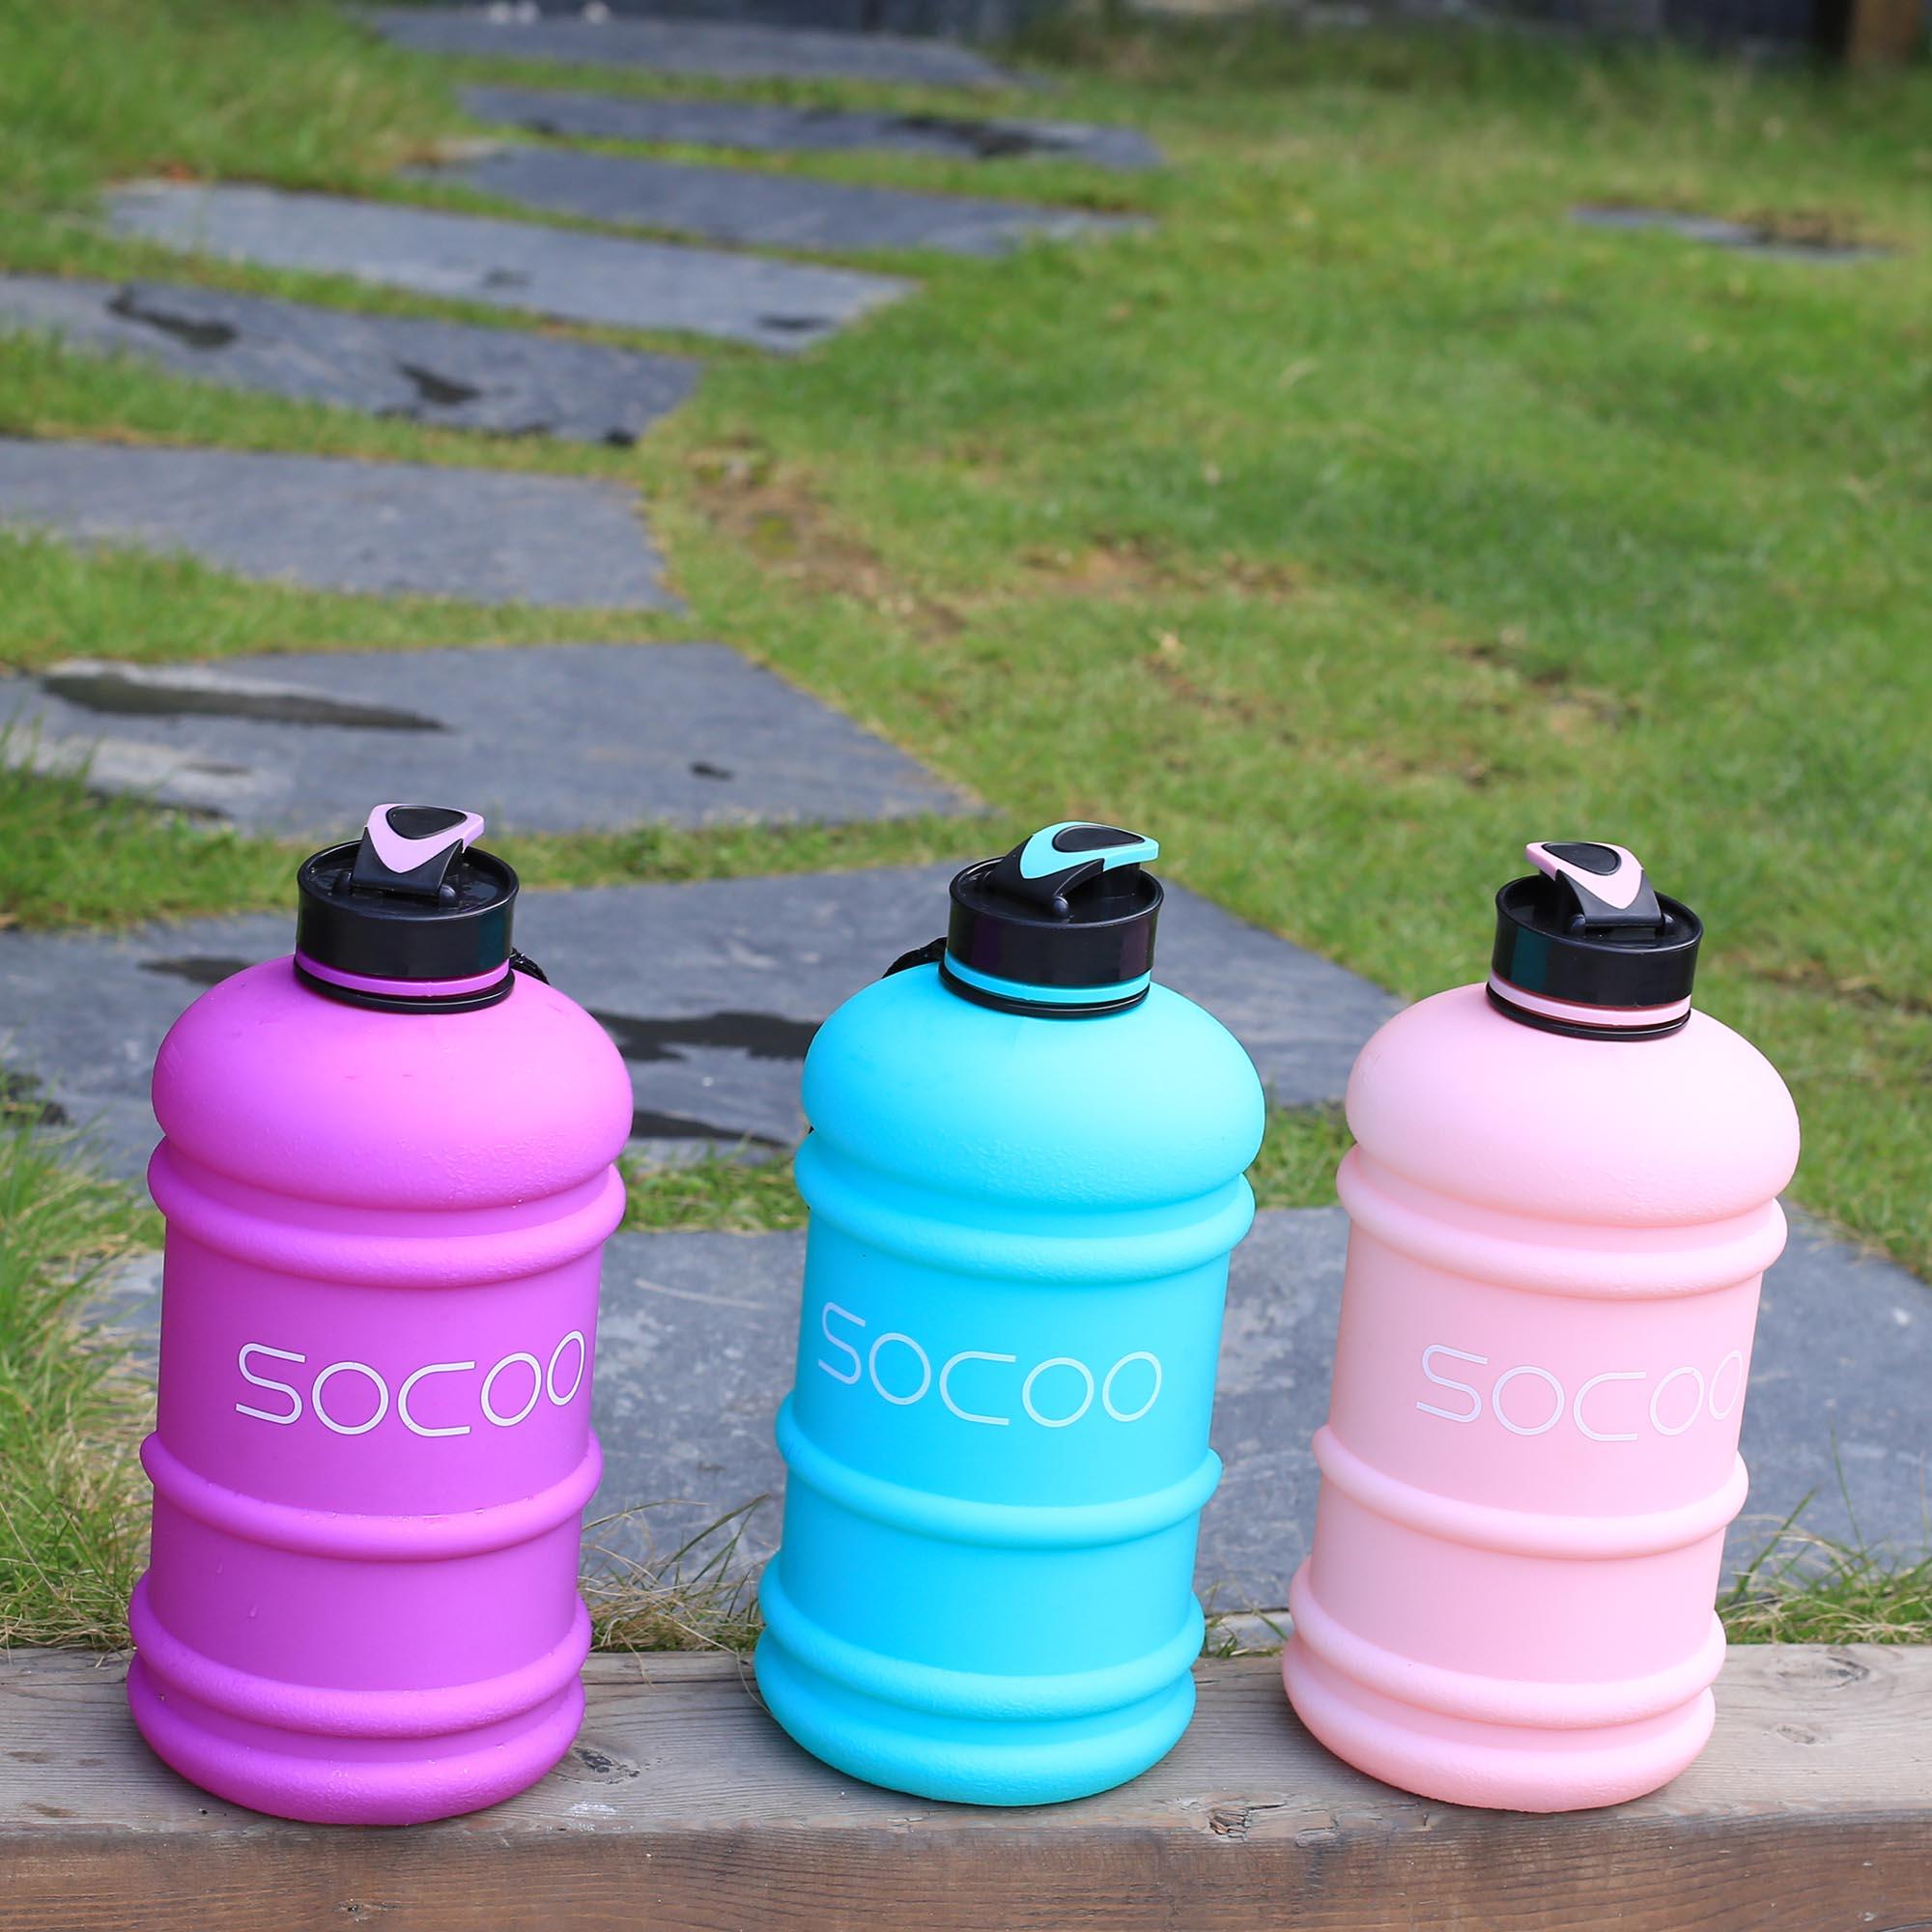 Socoo Large Water Bottle Lightweight Leak Proof Outdoor